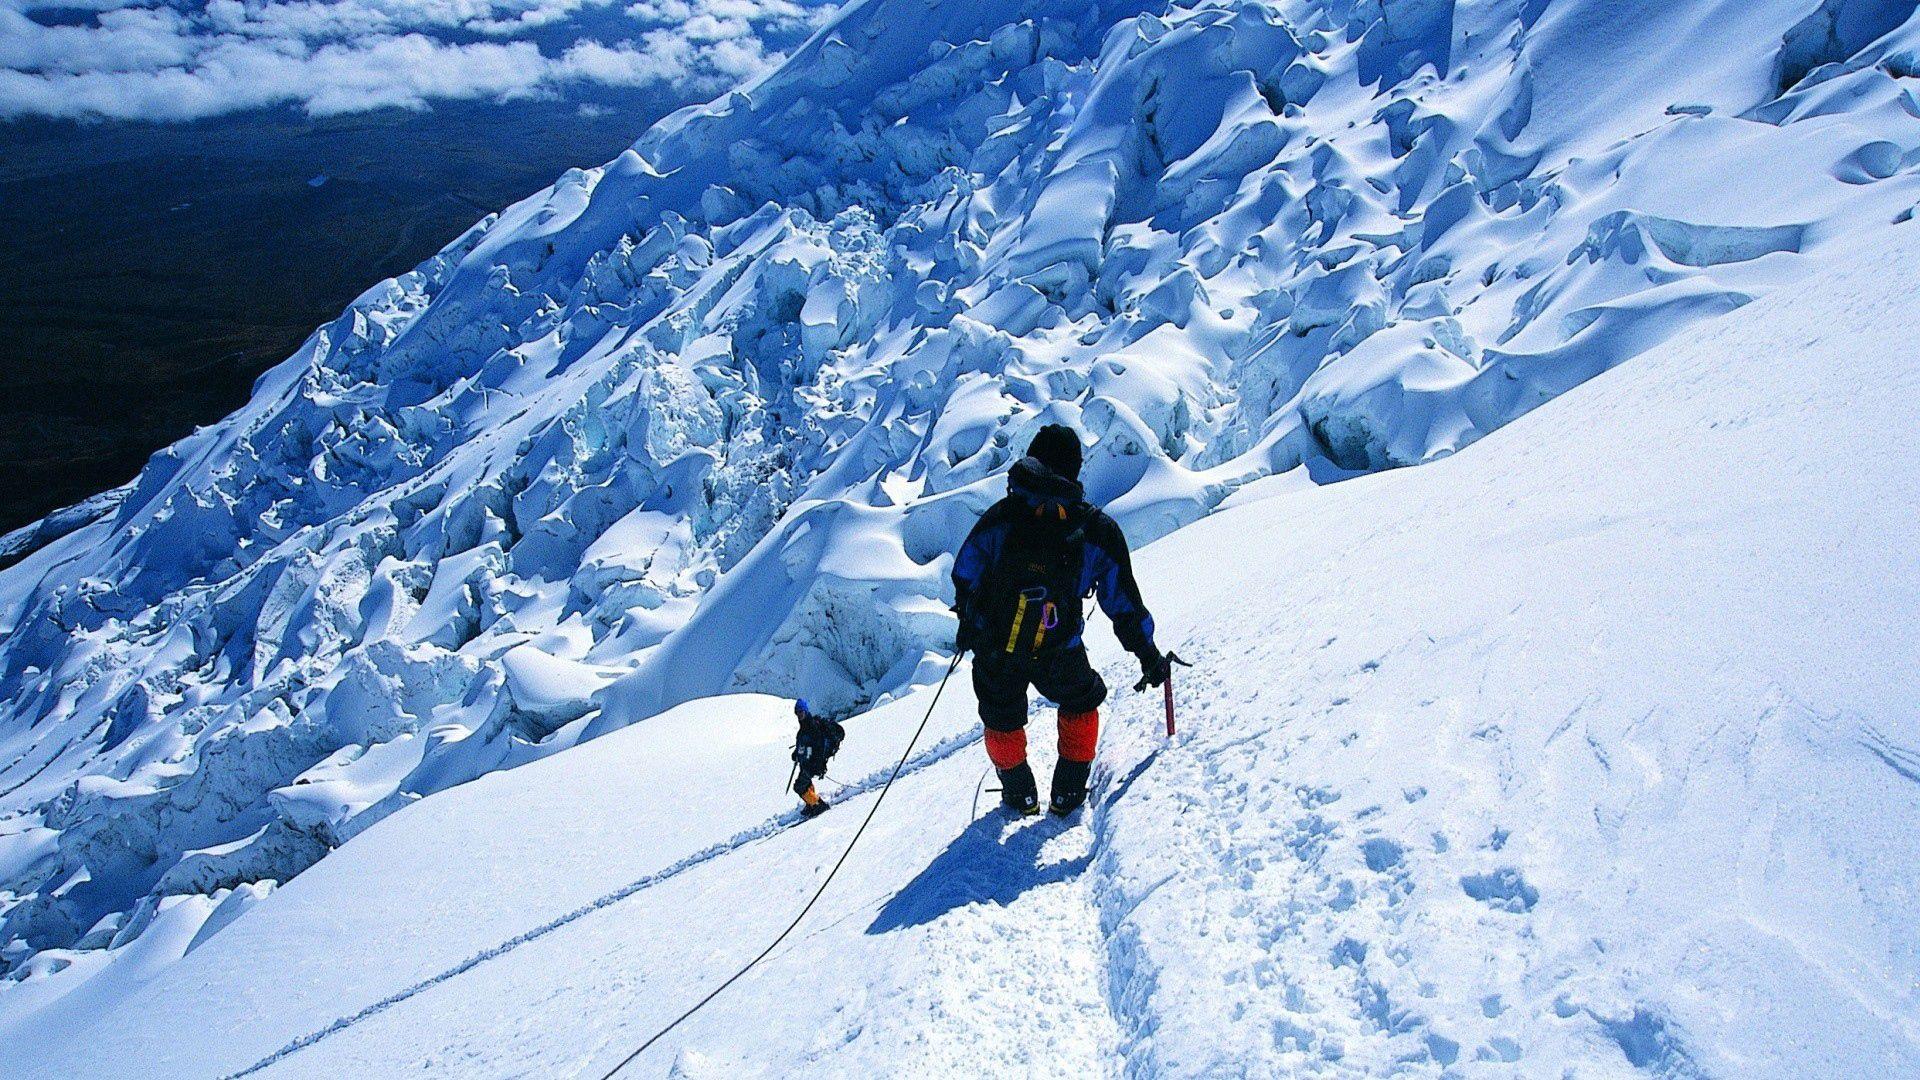 92884 papel de parede 1080x2400 em seu telefone gratuitamente, baixe imagens Esportes, Montanhas, Neve, Vértice, Início, Alpinista, Alpinist, Conquista 1080x2400 em seu celular